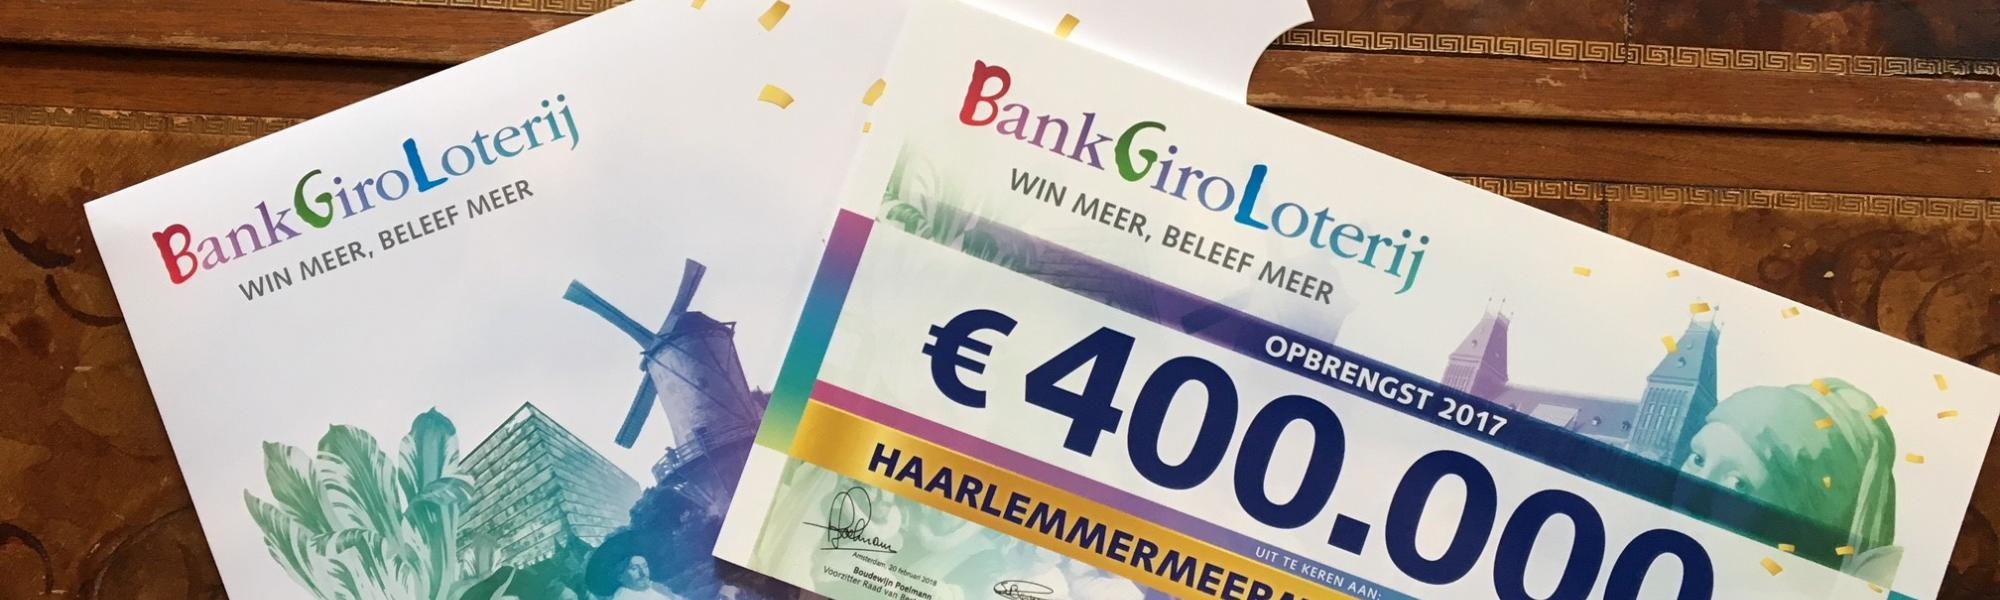 Cheque Bankgiroloterij Haarlemmermeermuseum De Cruquius